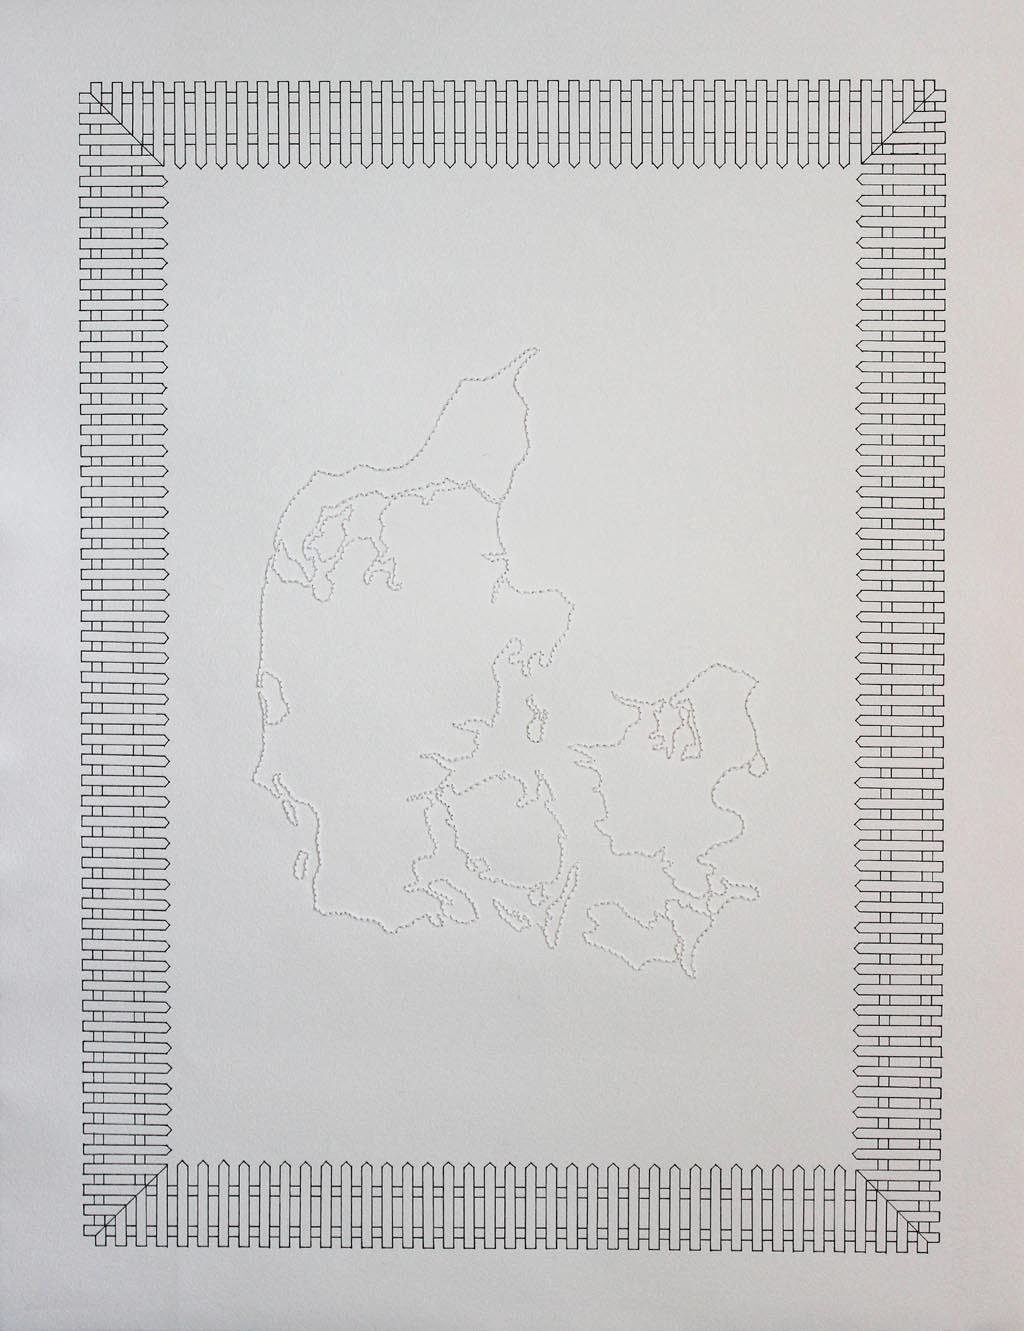 Lene Desmentik, Danmarks Hegn, 2014, Ink and string on paper, 65x50cm, framed